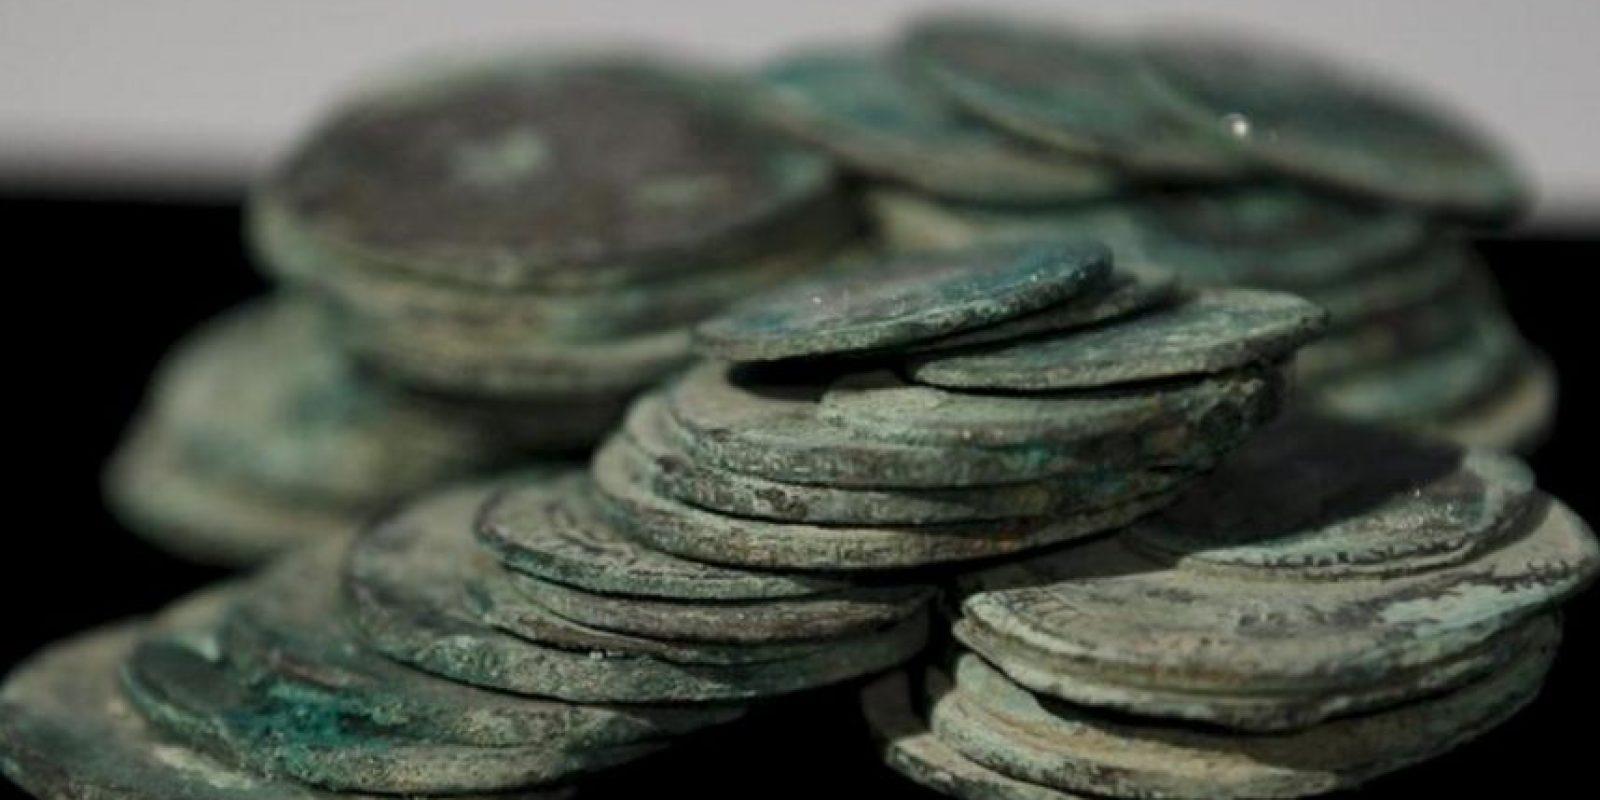 Monedas de dos y ocho reales de plata que forman parte del tesoro de la fragata 'Nuestra Señora de las Mercedes' del que, nueve meses de llegar a España, se hace hoy público su futuro incluido el proceso de restauración, conservación, documentación y exposición del patrimonio rescatado. EFE